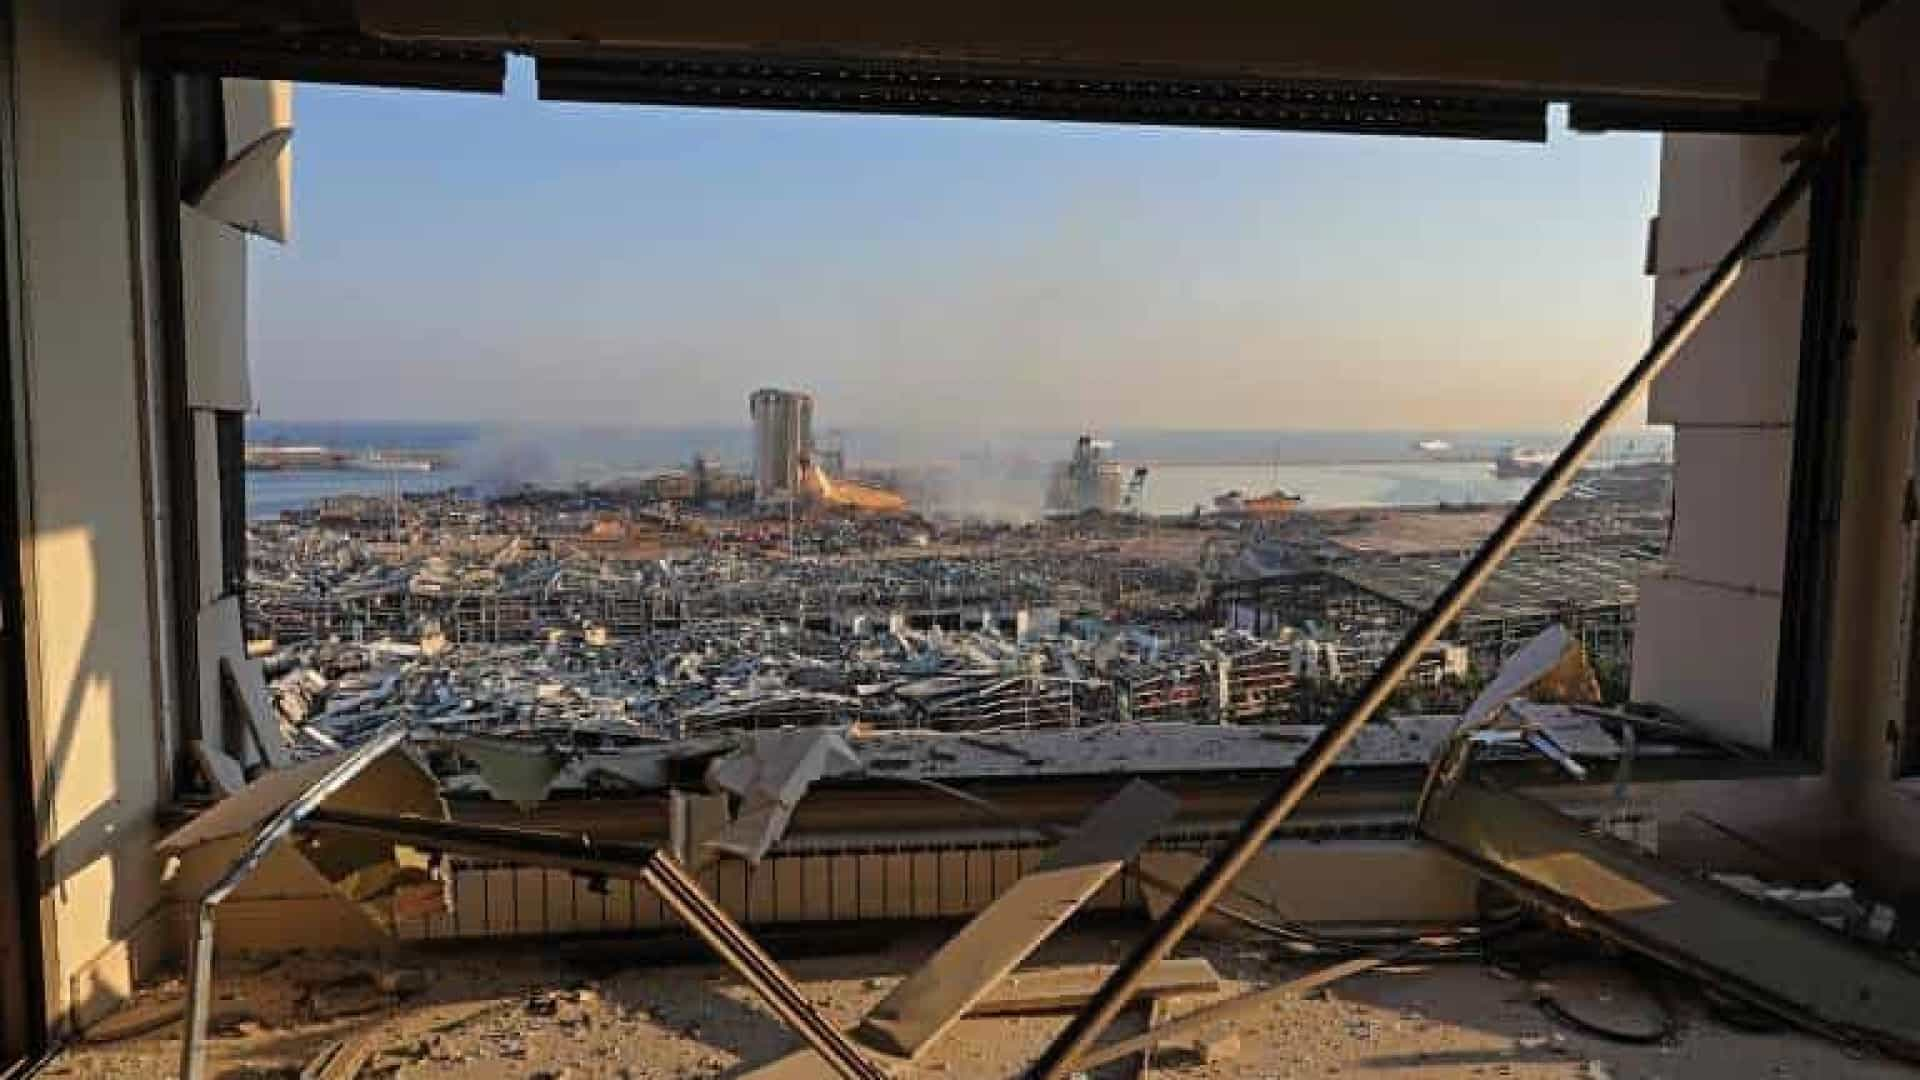 Leilão com chefs renomados apoia vítimas de explosão em Beirute